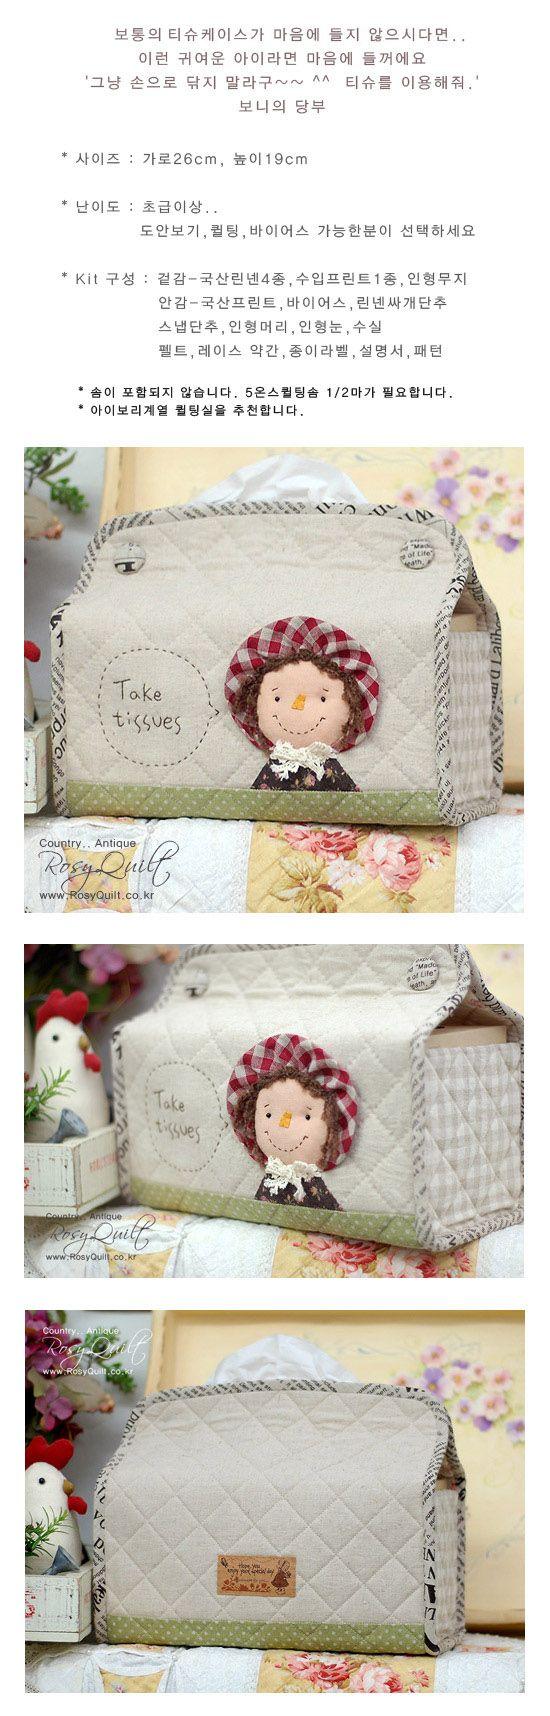 Rosie Quilt - Bonnie tissue case (9th);